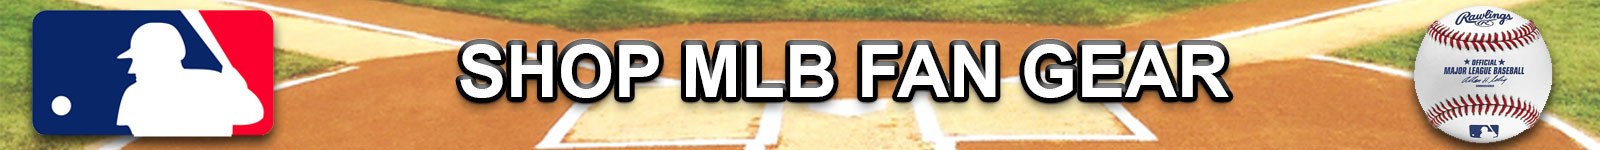 Shop MLB Apparel and Team Fan Gear